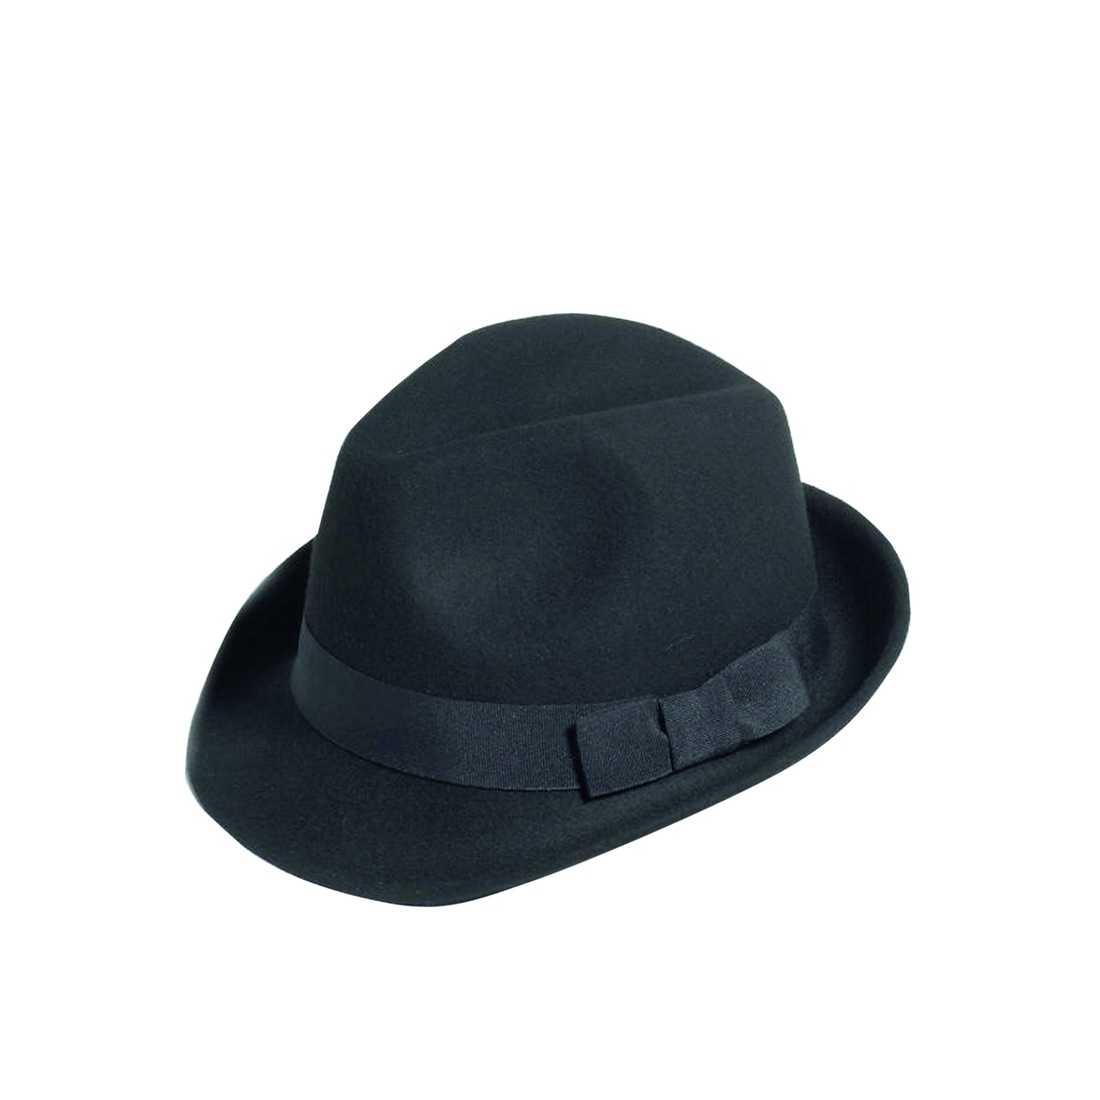 Ge huvudet en makeover och satsa på hatt! Den här svarta klassikern finns på www.lindex.se för 199 kronor.